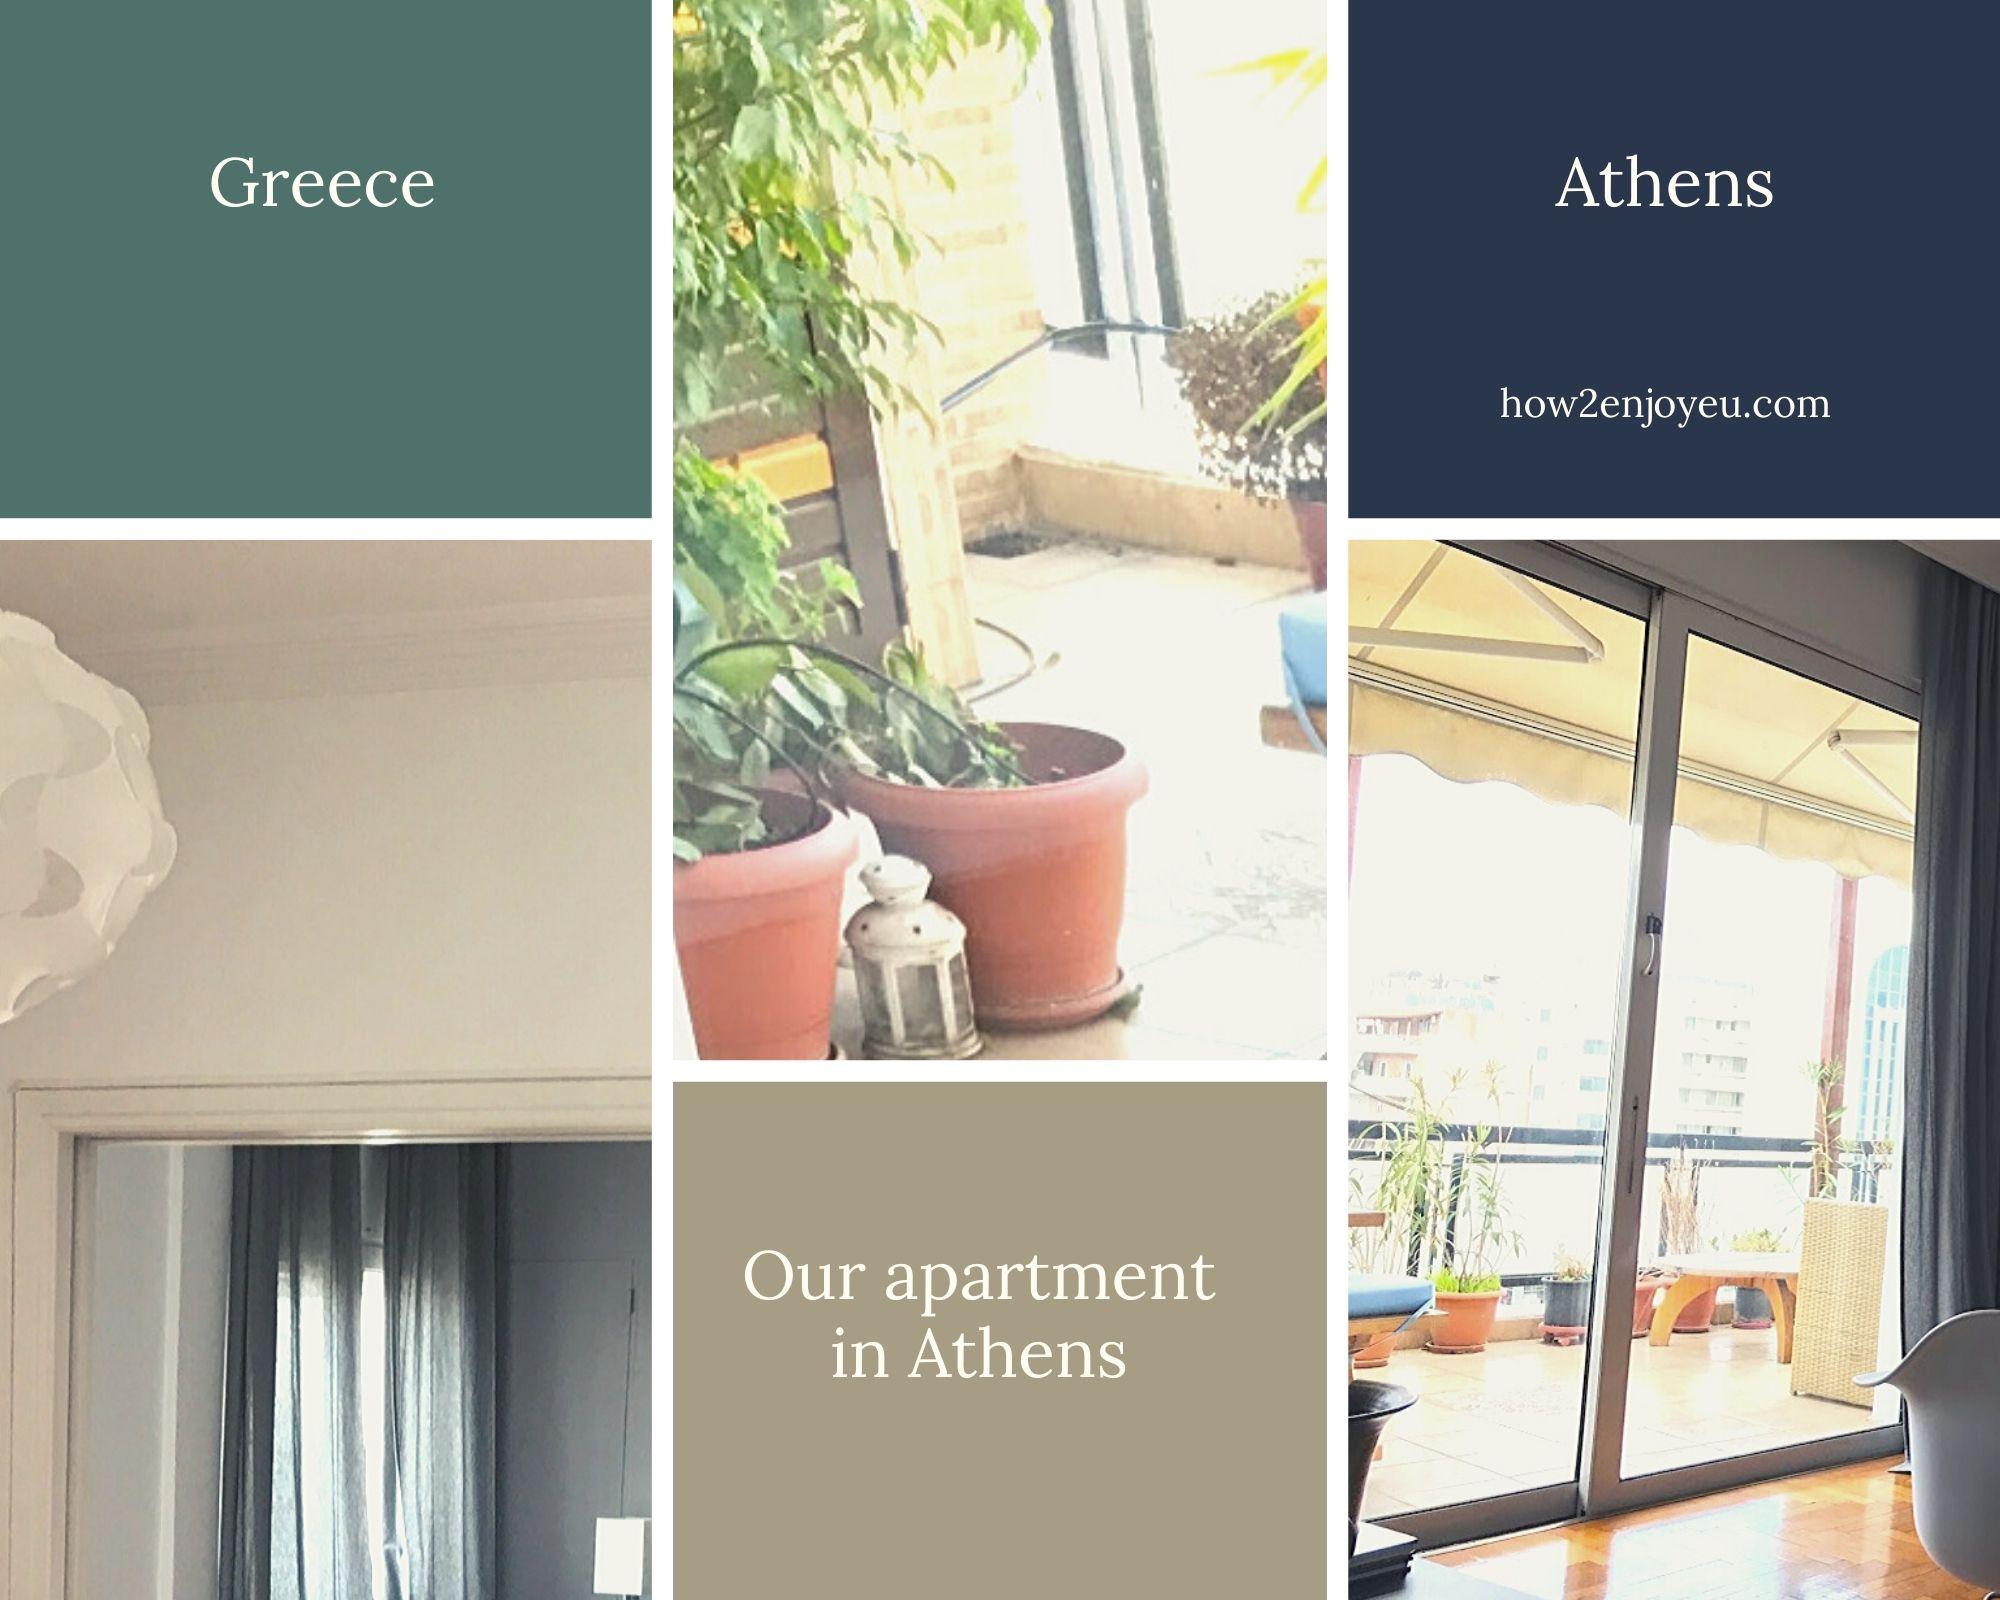 アテネらしい景色が見える民泊アパート、他にもいろいろポイントが高かった